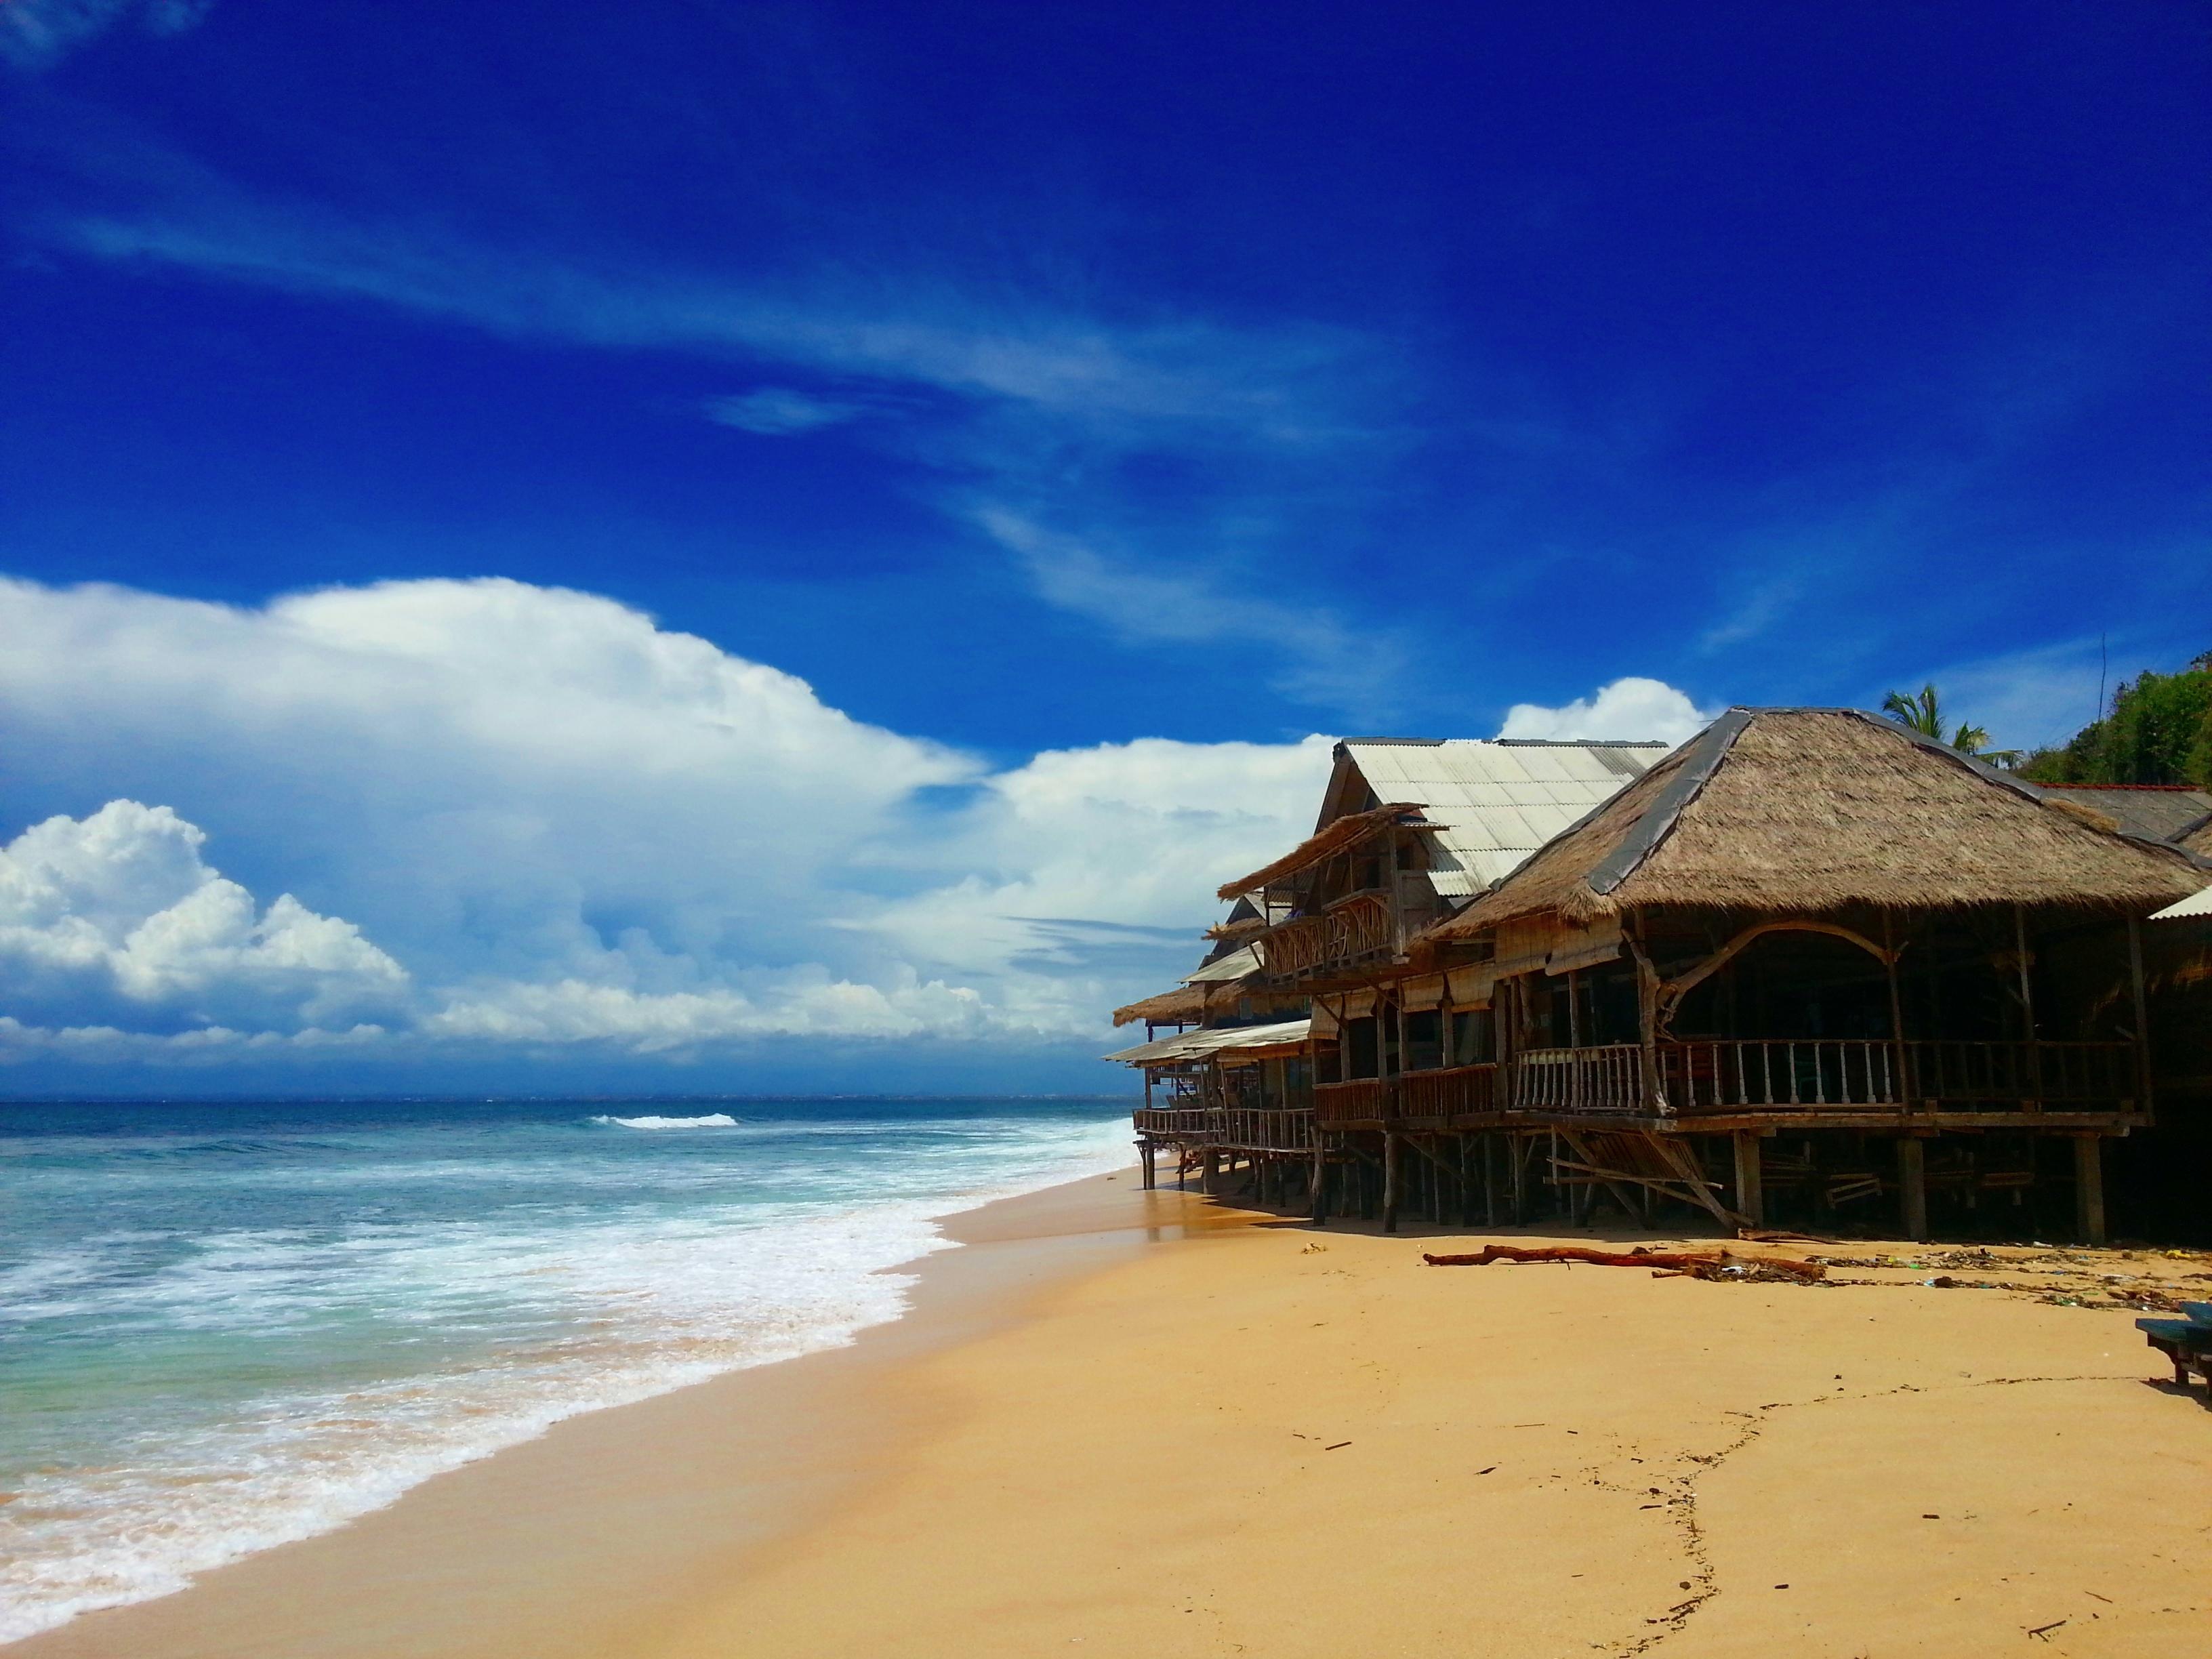 L'altra faccia di Bali